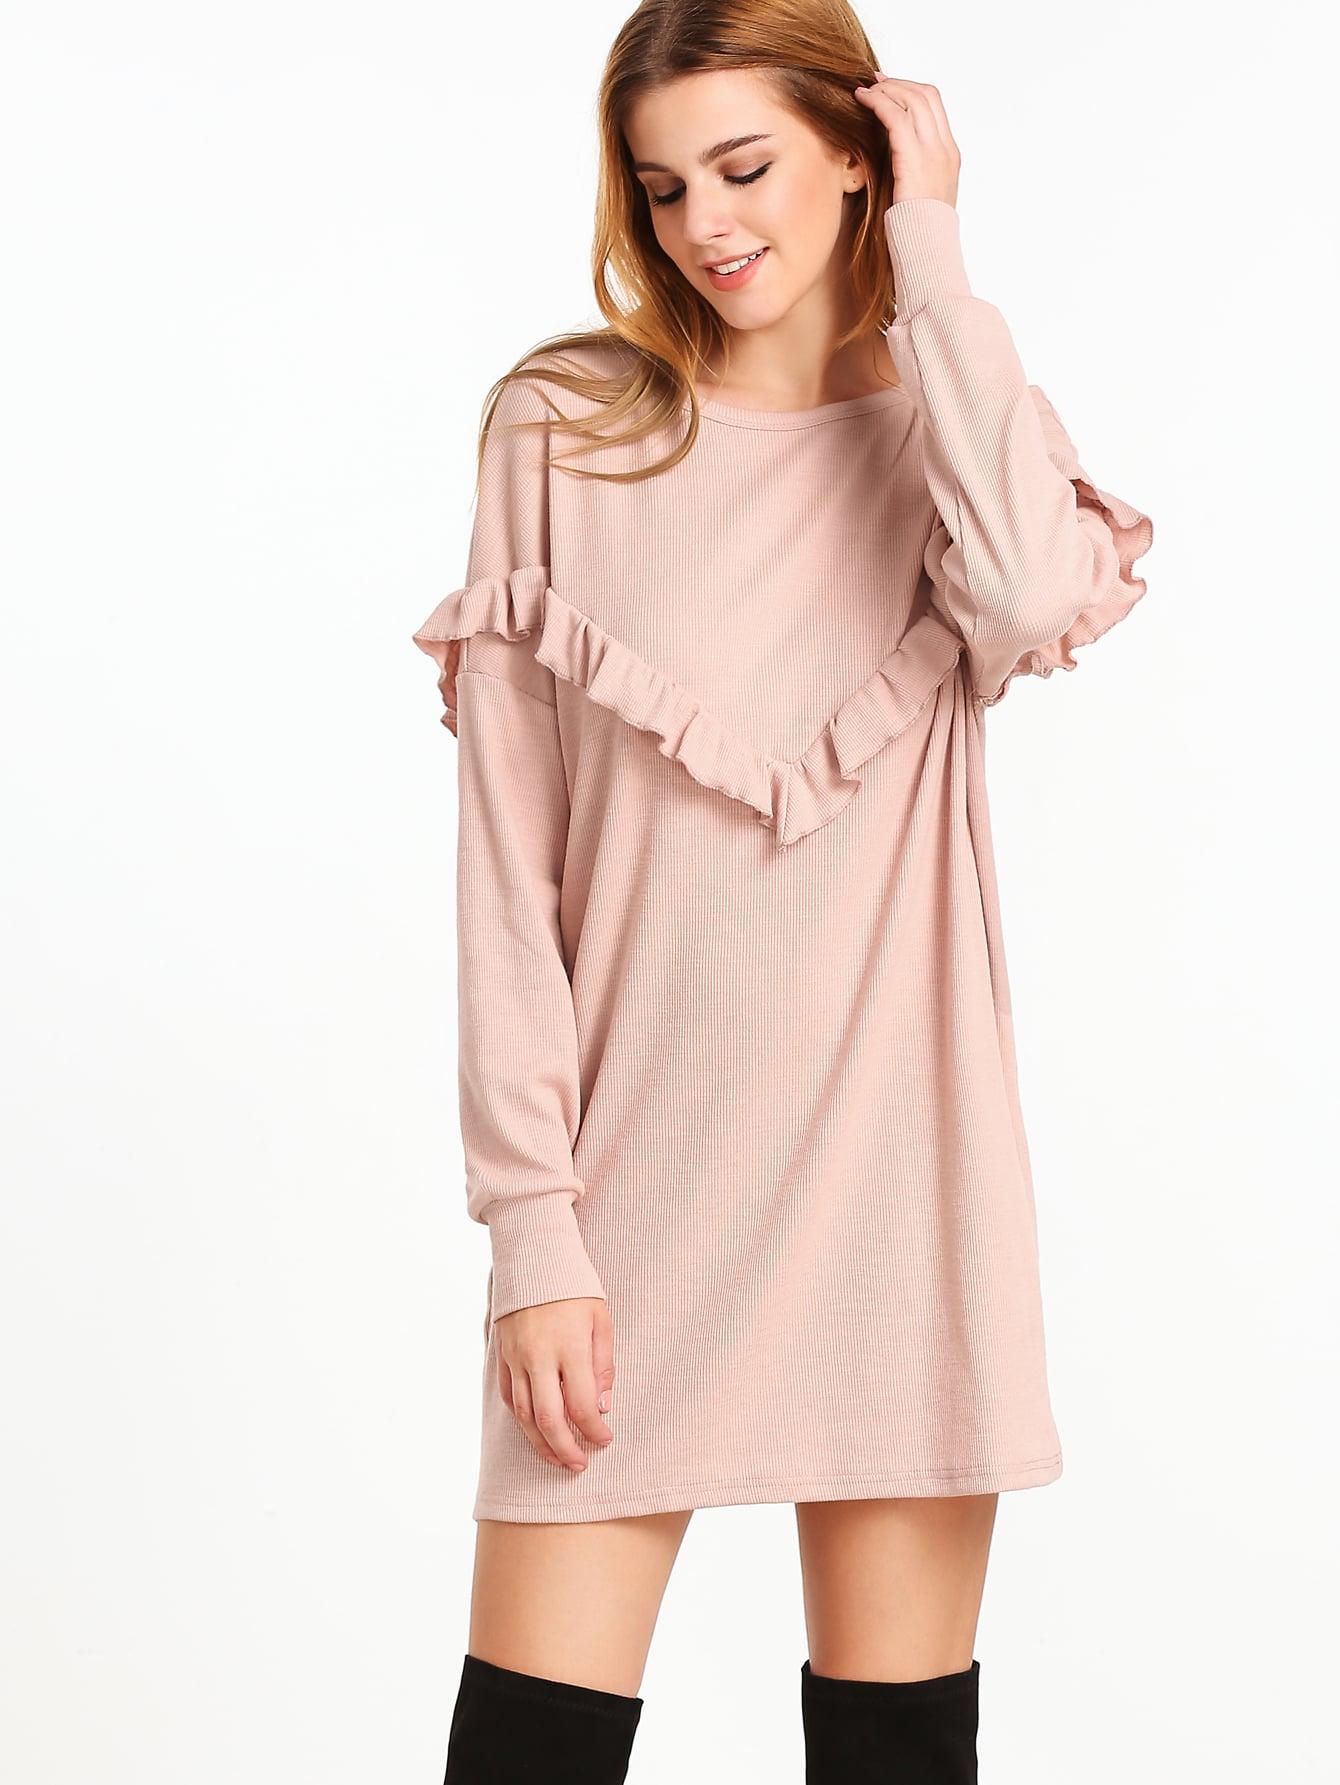 dress161124713_2